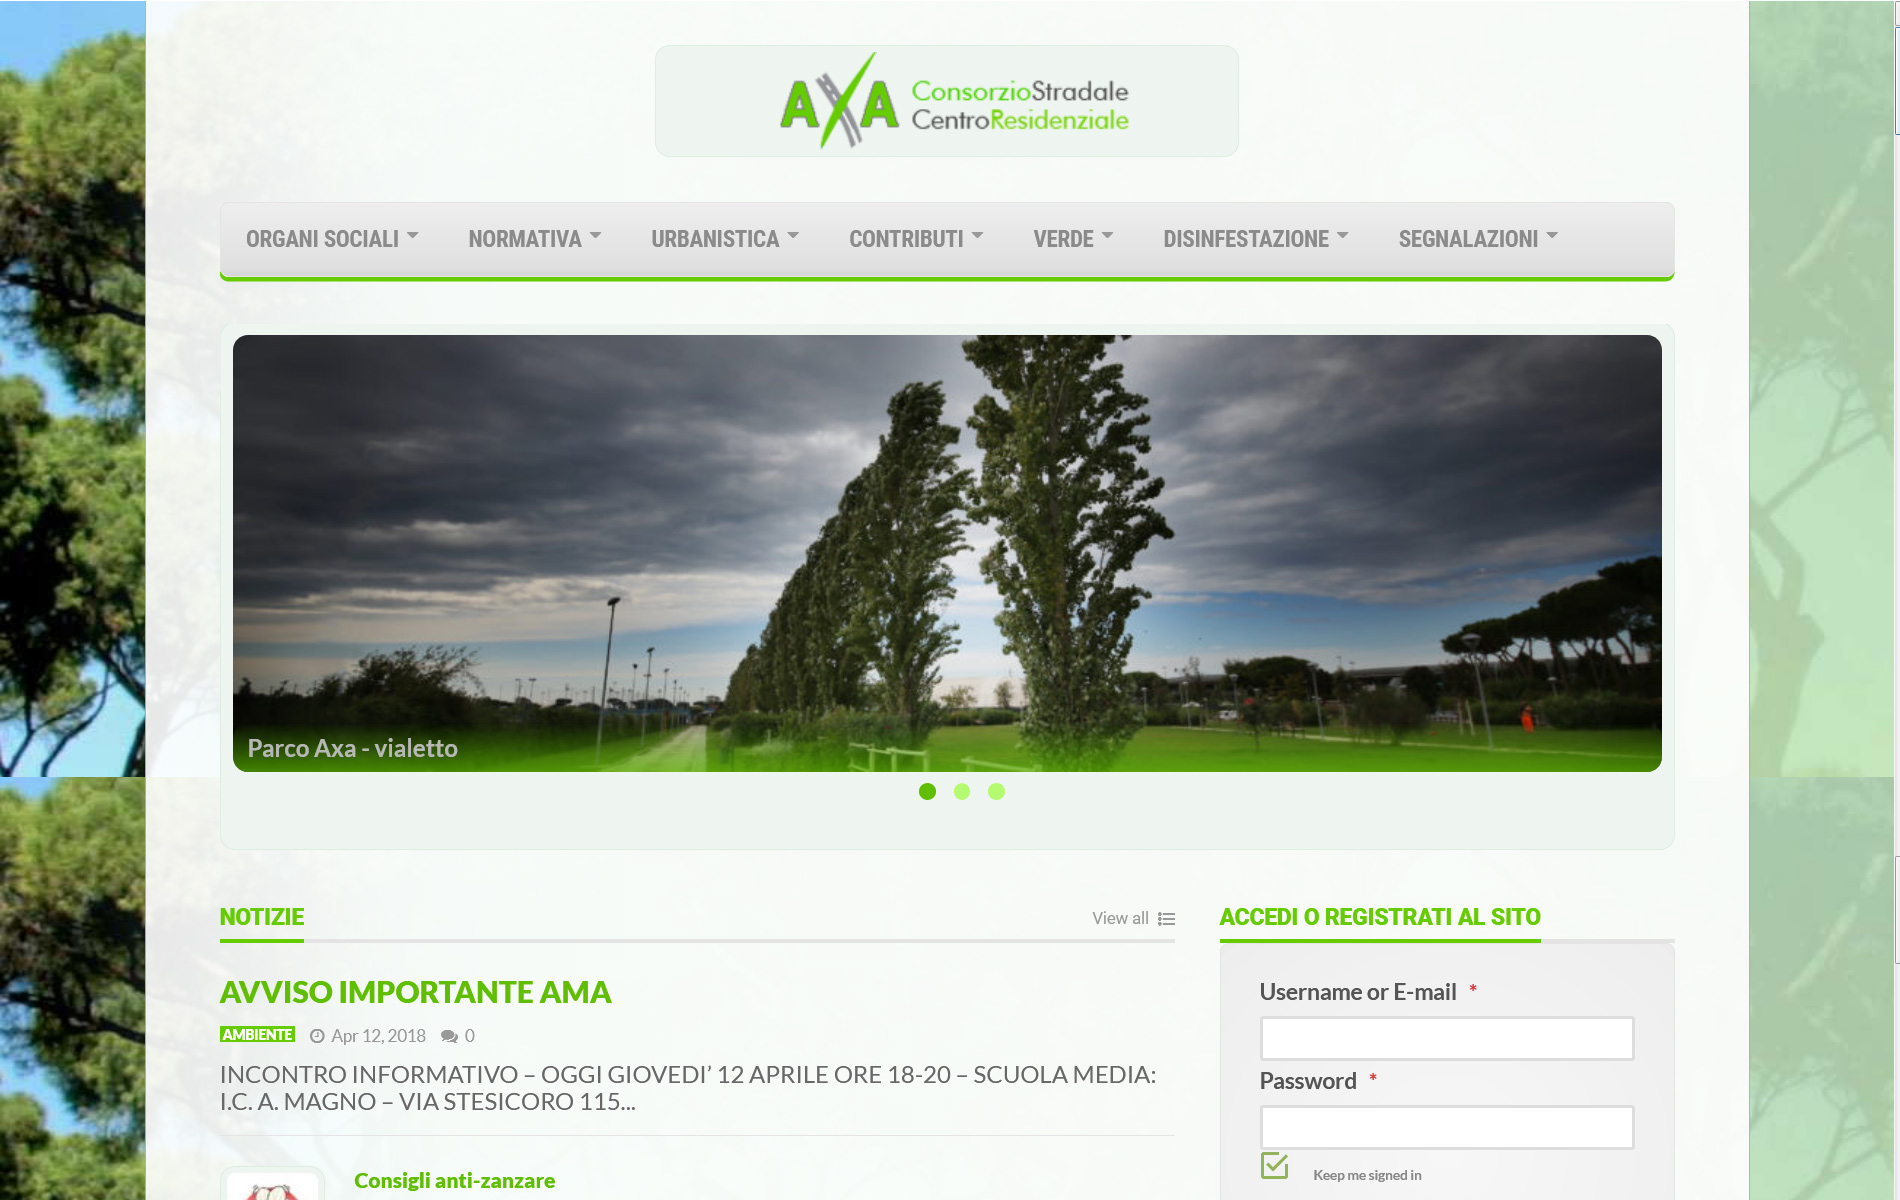 ConsorzioAxa.it – portale ufficiale del Consorzio AXA, supporto per i 27 mila consorziati